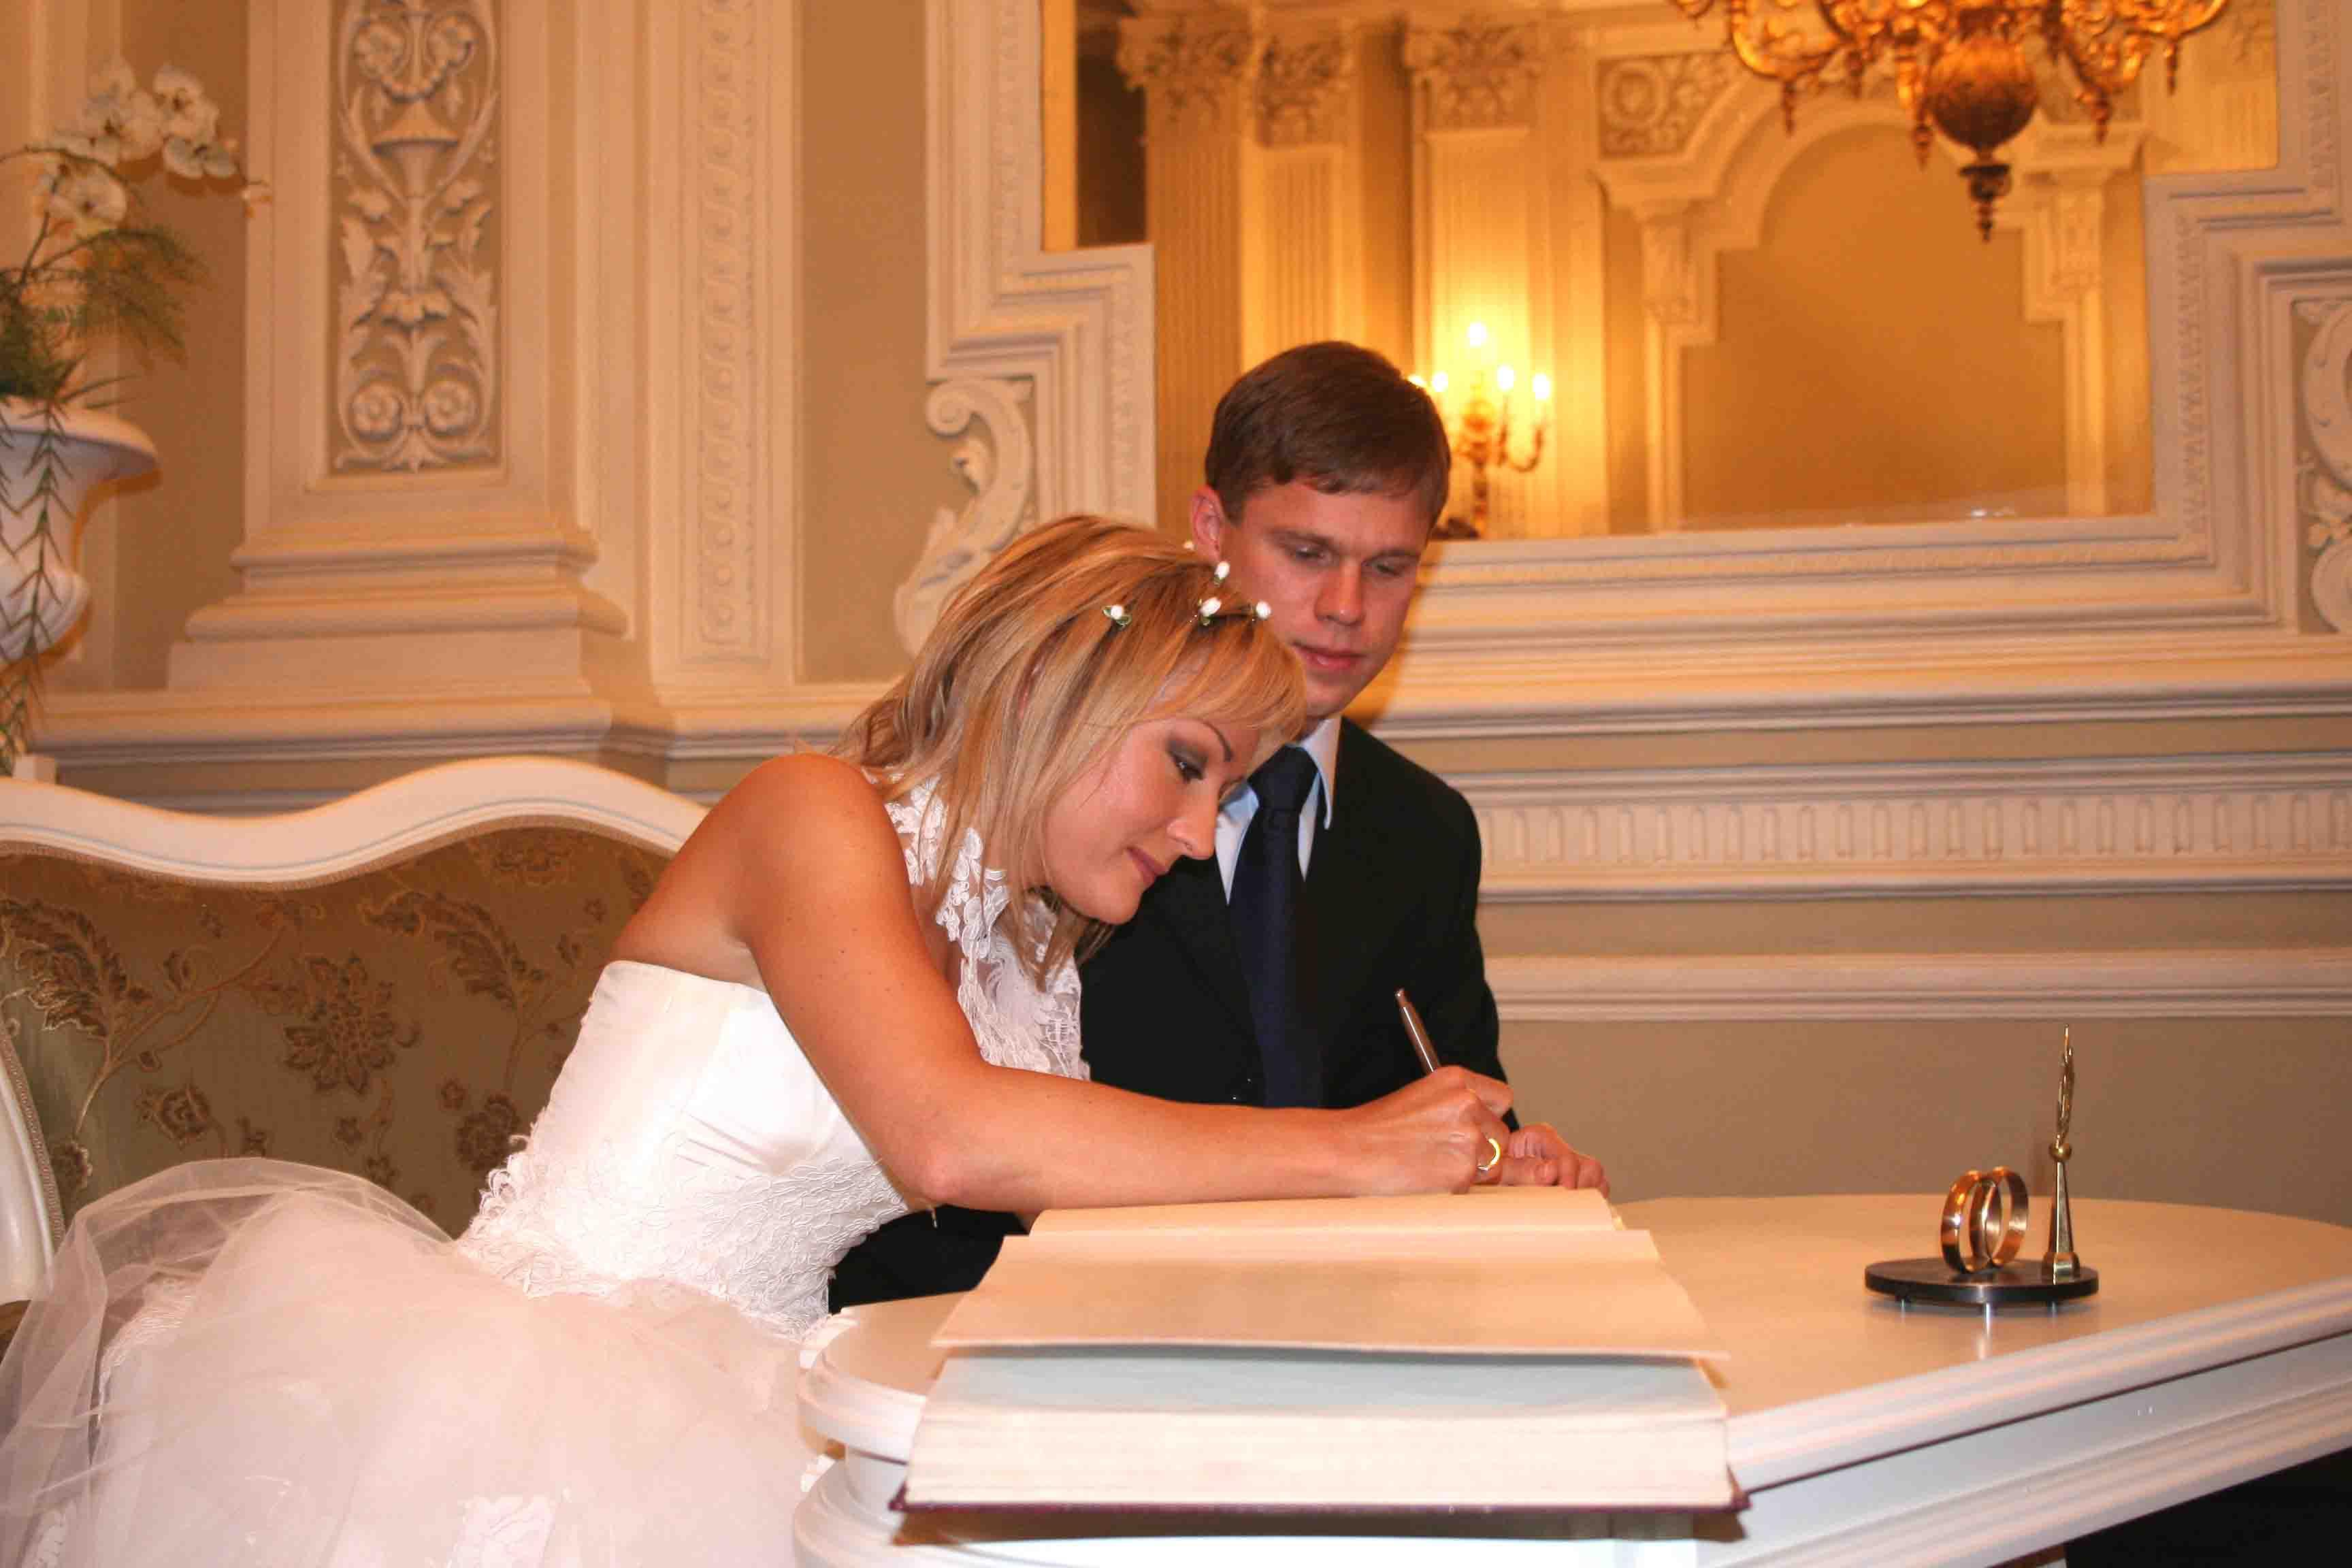 Анна шафран биография личная жизнь муж дети фото